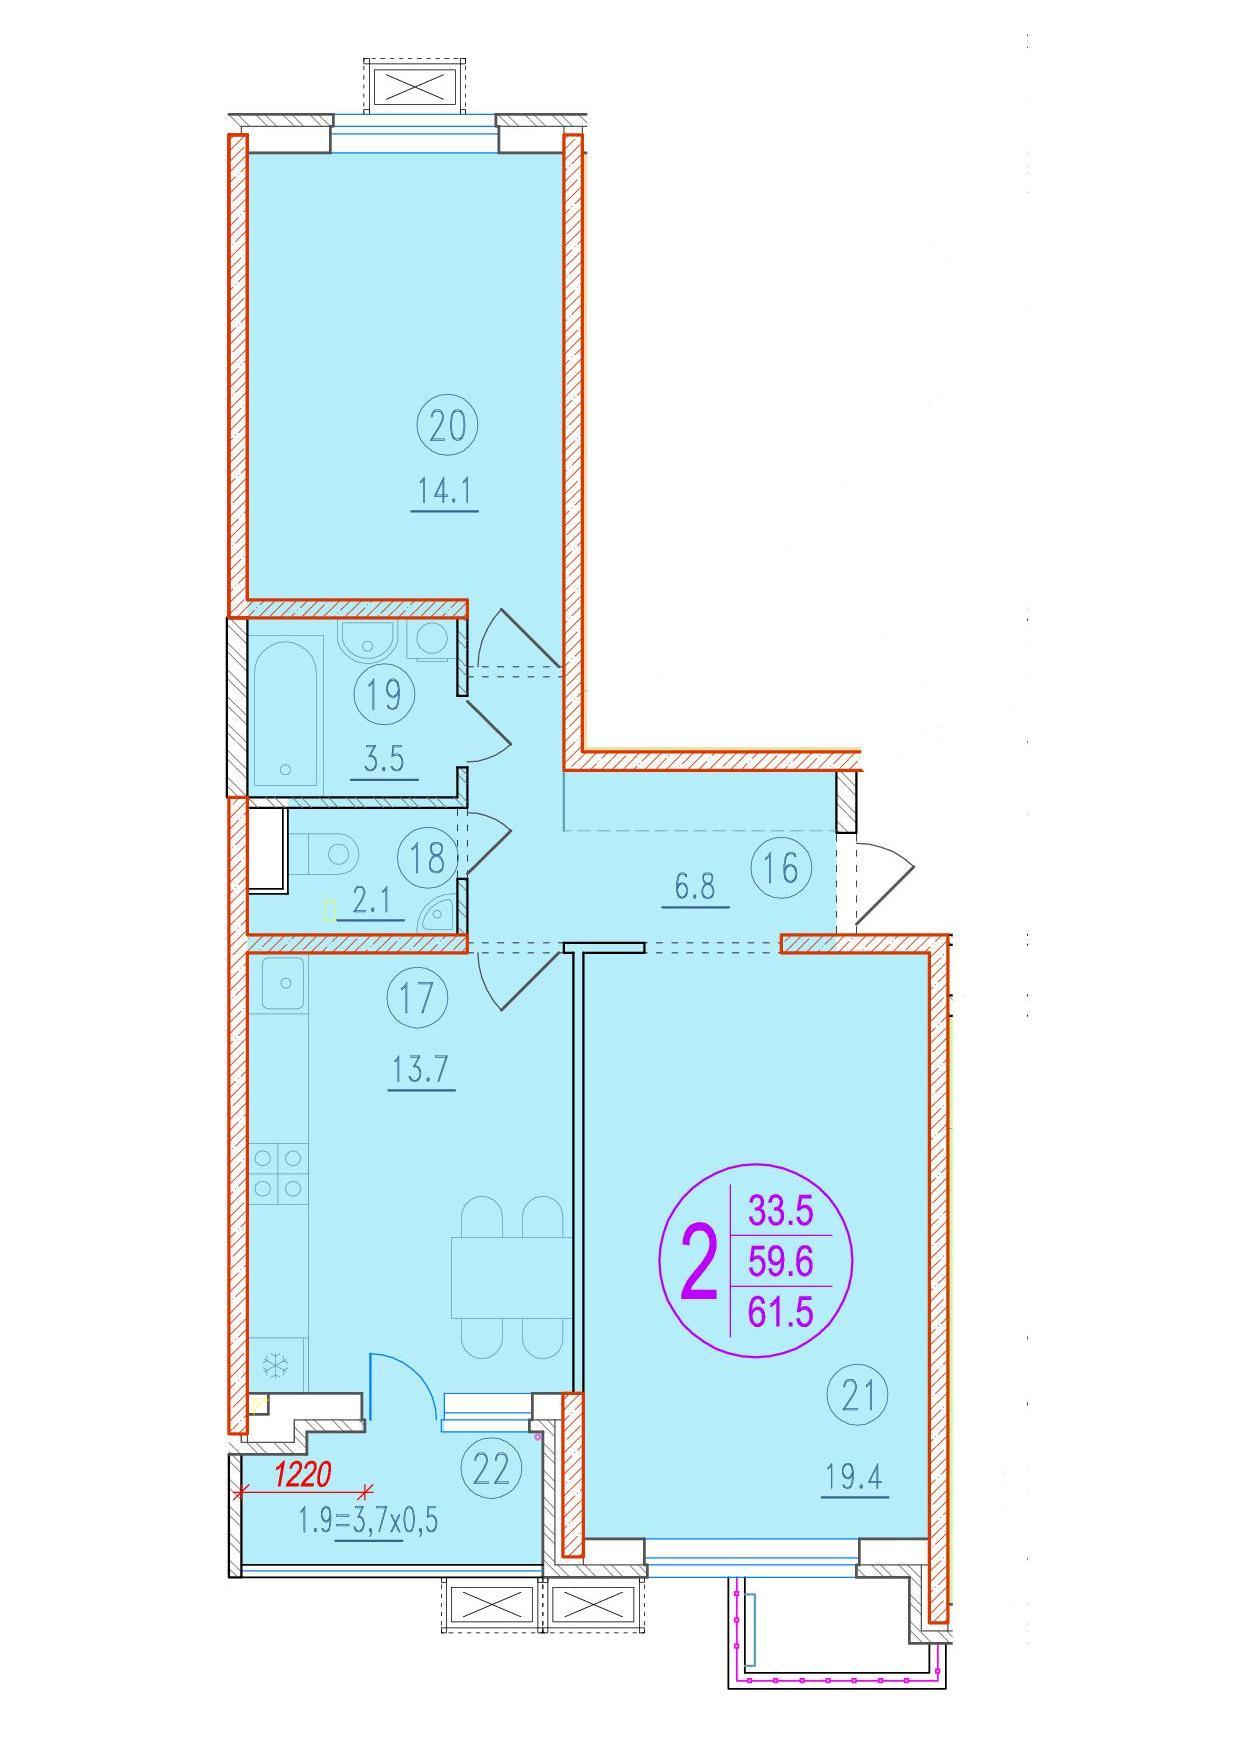 2-комнатная 61.5<span>м<sup>2</sup></span>